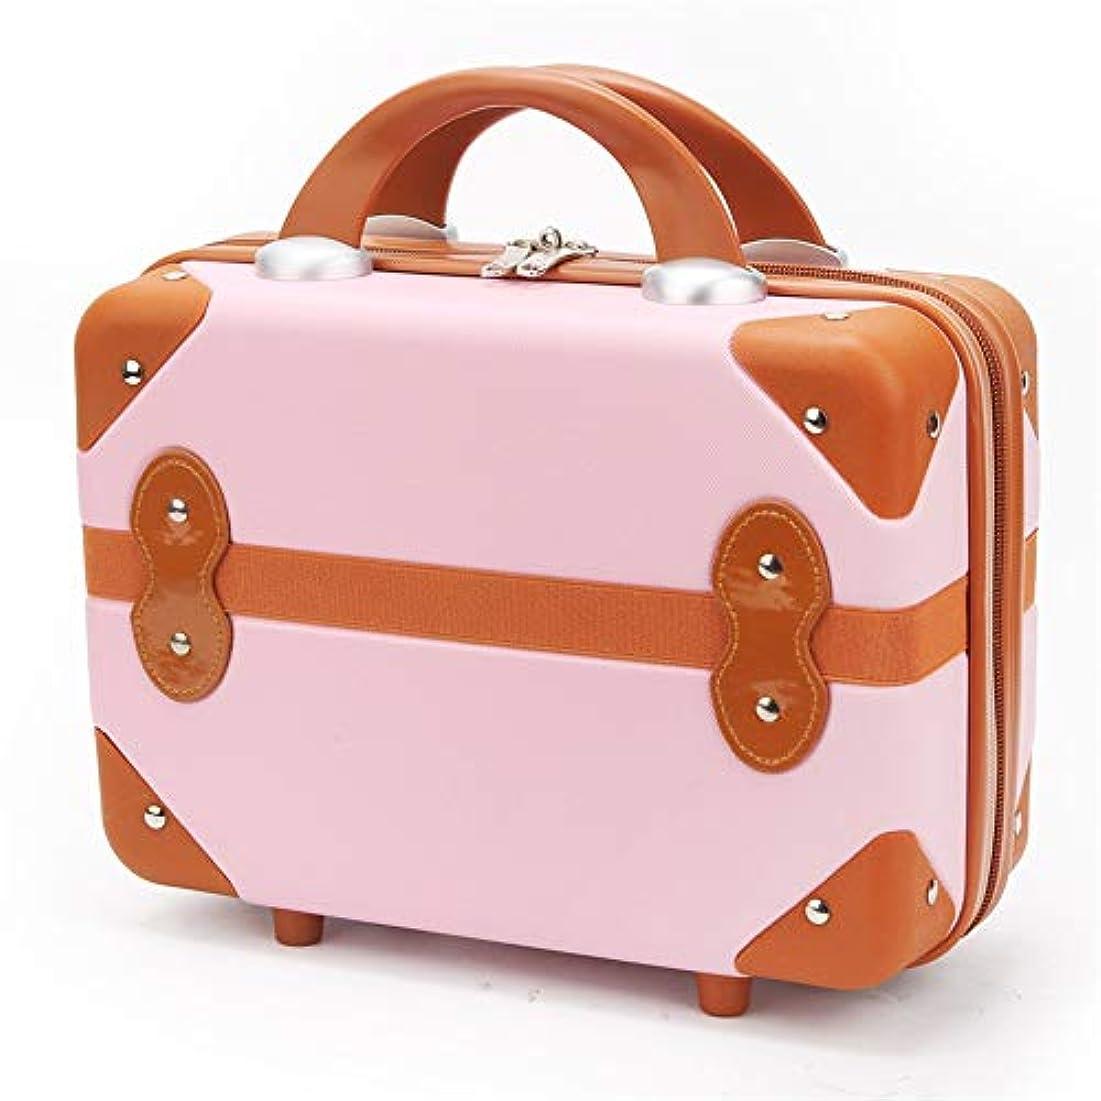 どっち劣る鳩特大スペース収納ビューティーボックス 14インチ化粧旅行バッグ防水化粧ケース用十代の女の子女性アーティスト多機能ポータブル旅行 化粧品化粧台